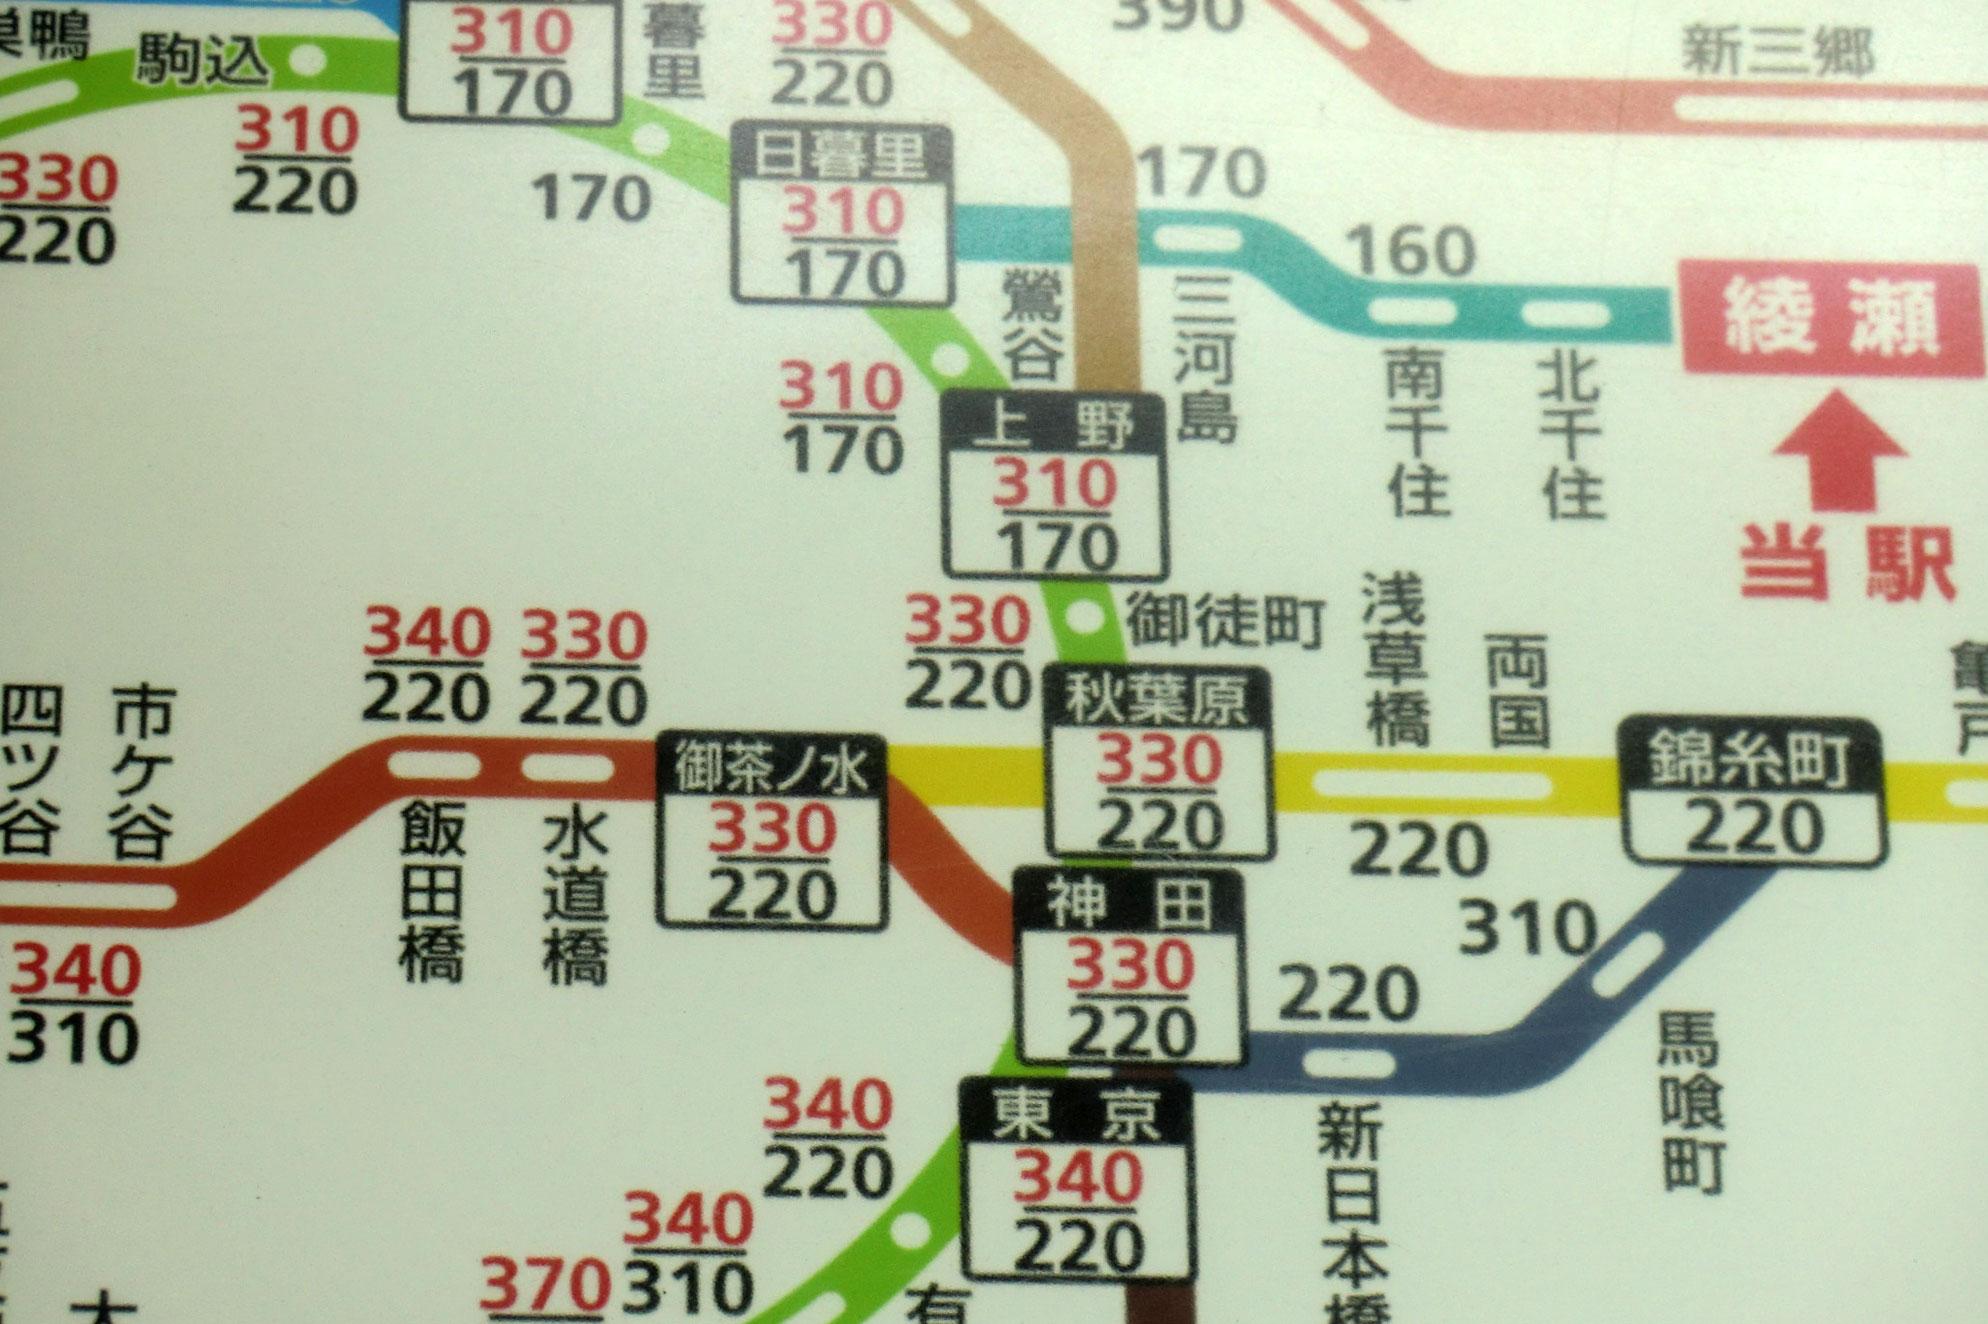 綾瀬駅は上段:西日暮里駅経由、下段:北千住駅経由の併記表示